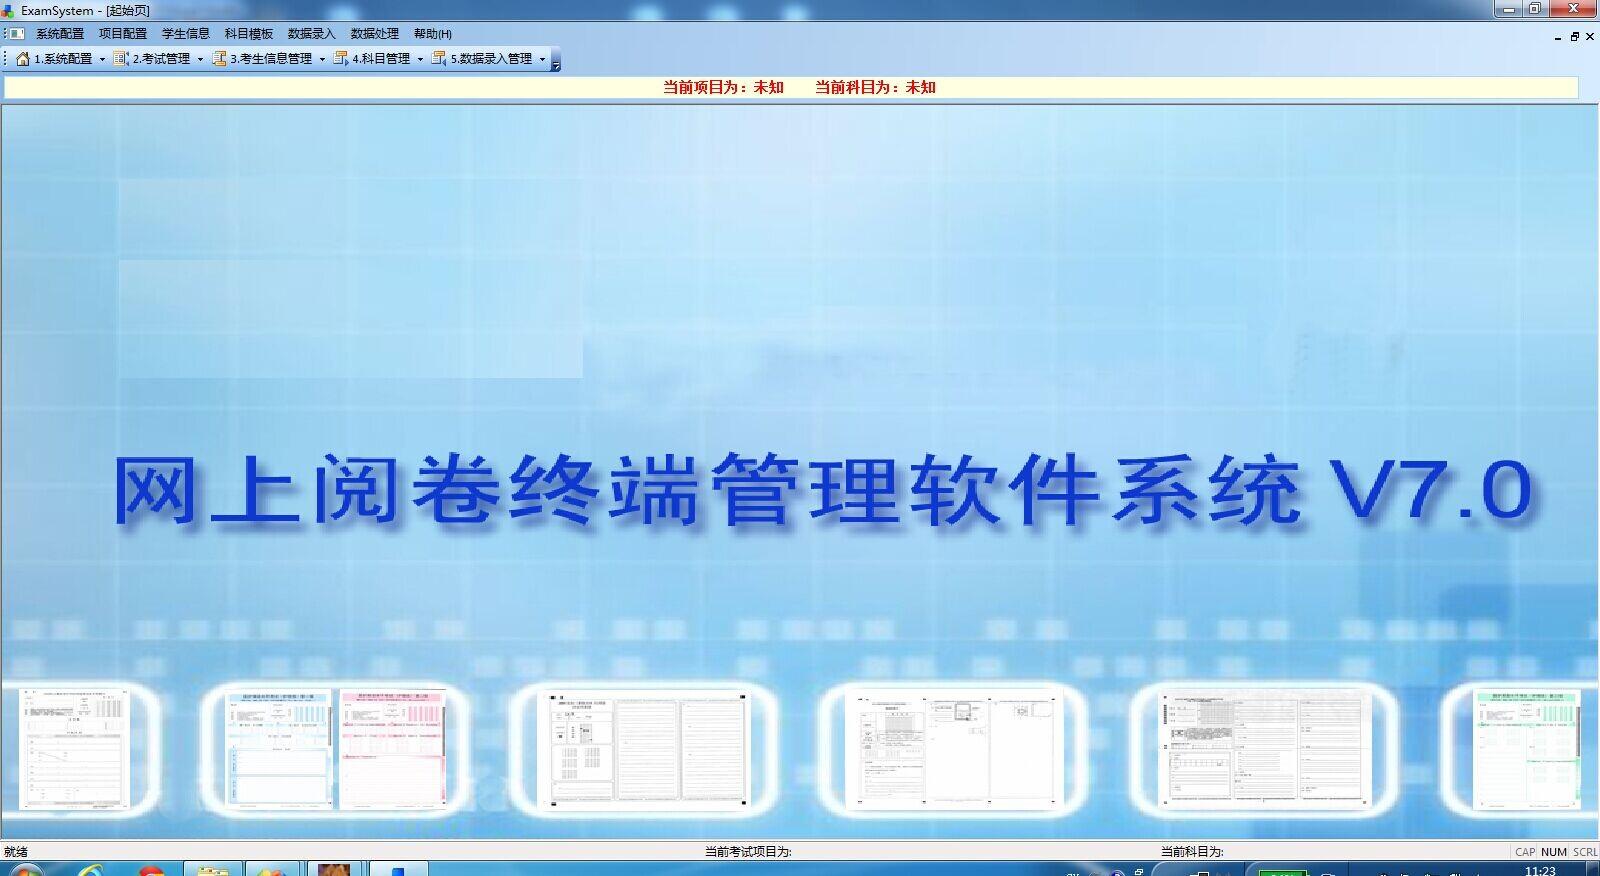 北京电子阅卷软件 校园电子阅卷系统价格|产品动态-河北省南昊高新技术开发有限公司